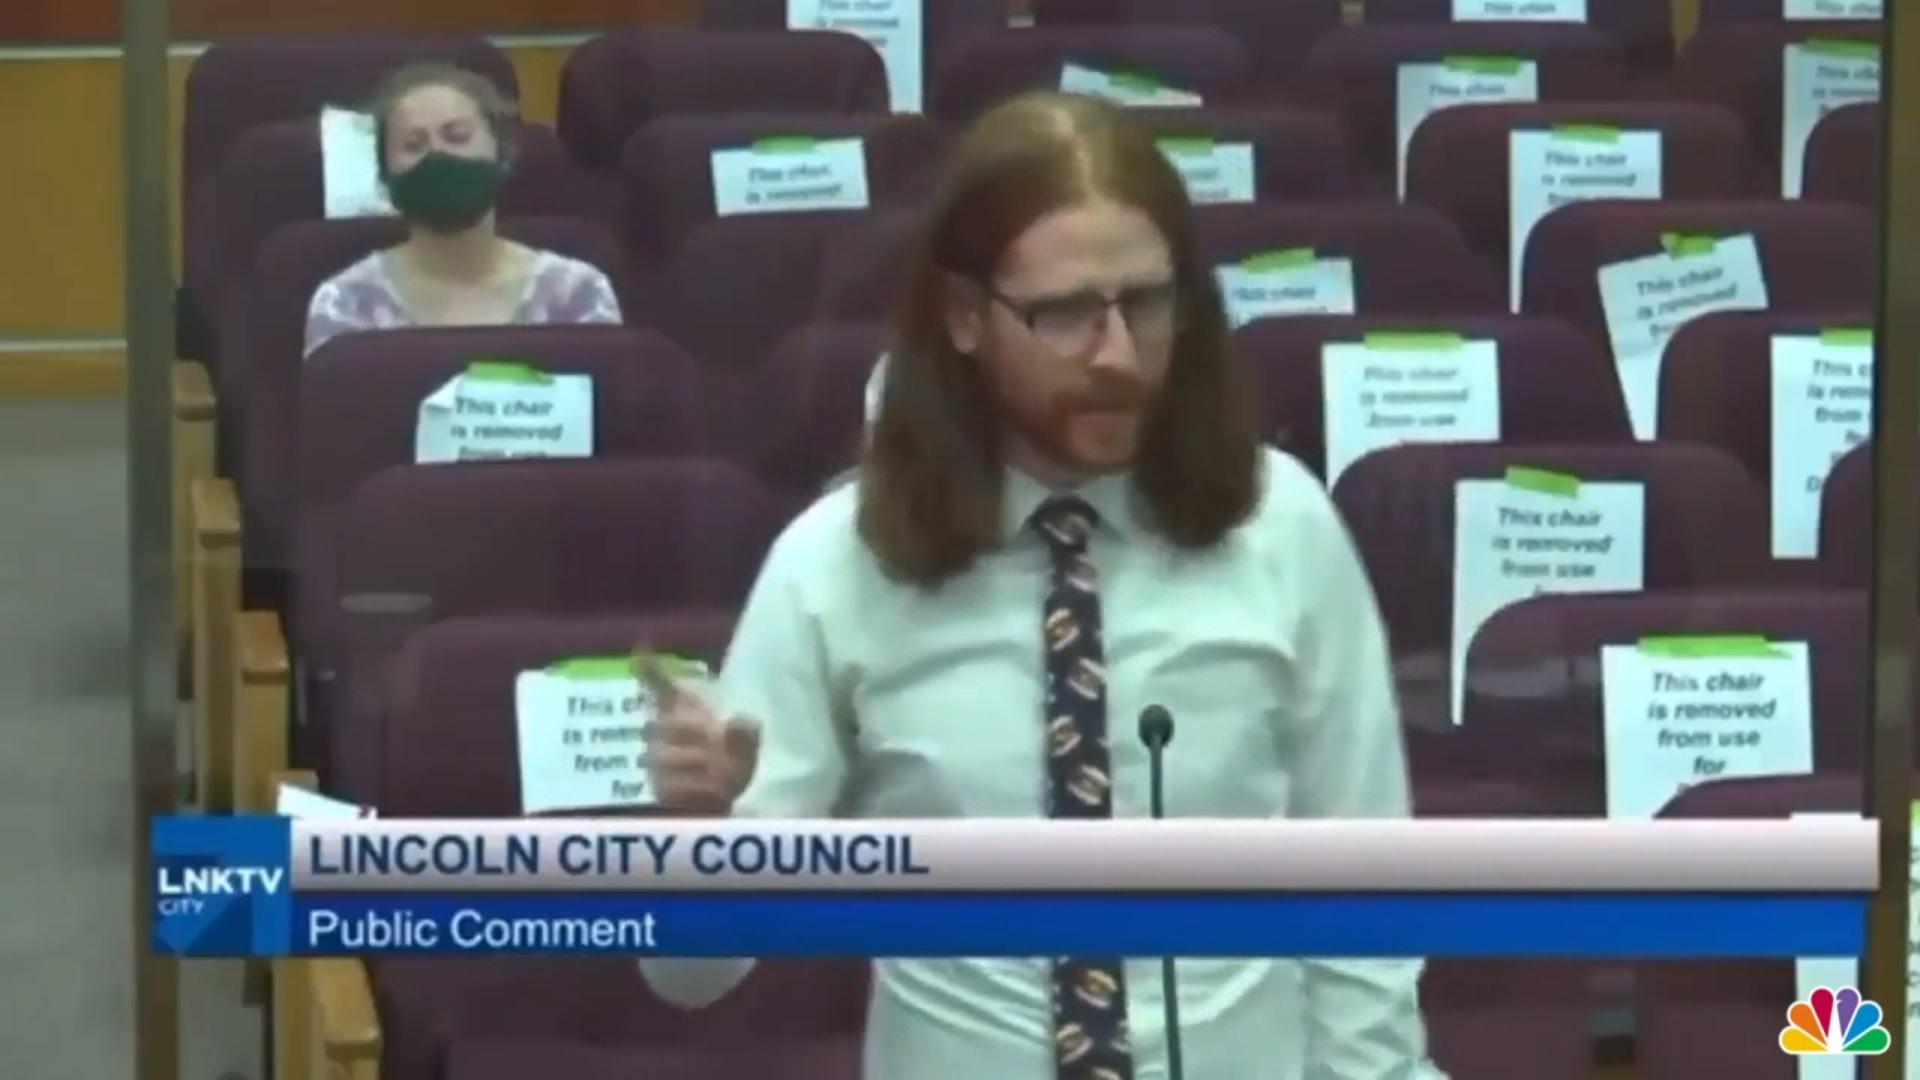 Egy lincolni férfinak elege lett: felszólalt a városi tanácsban, hogy nevezzék át a csont nélküli csirkeszárnyat